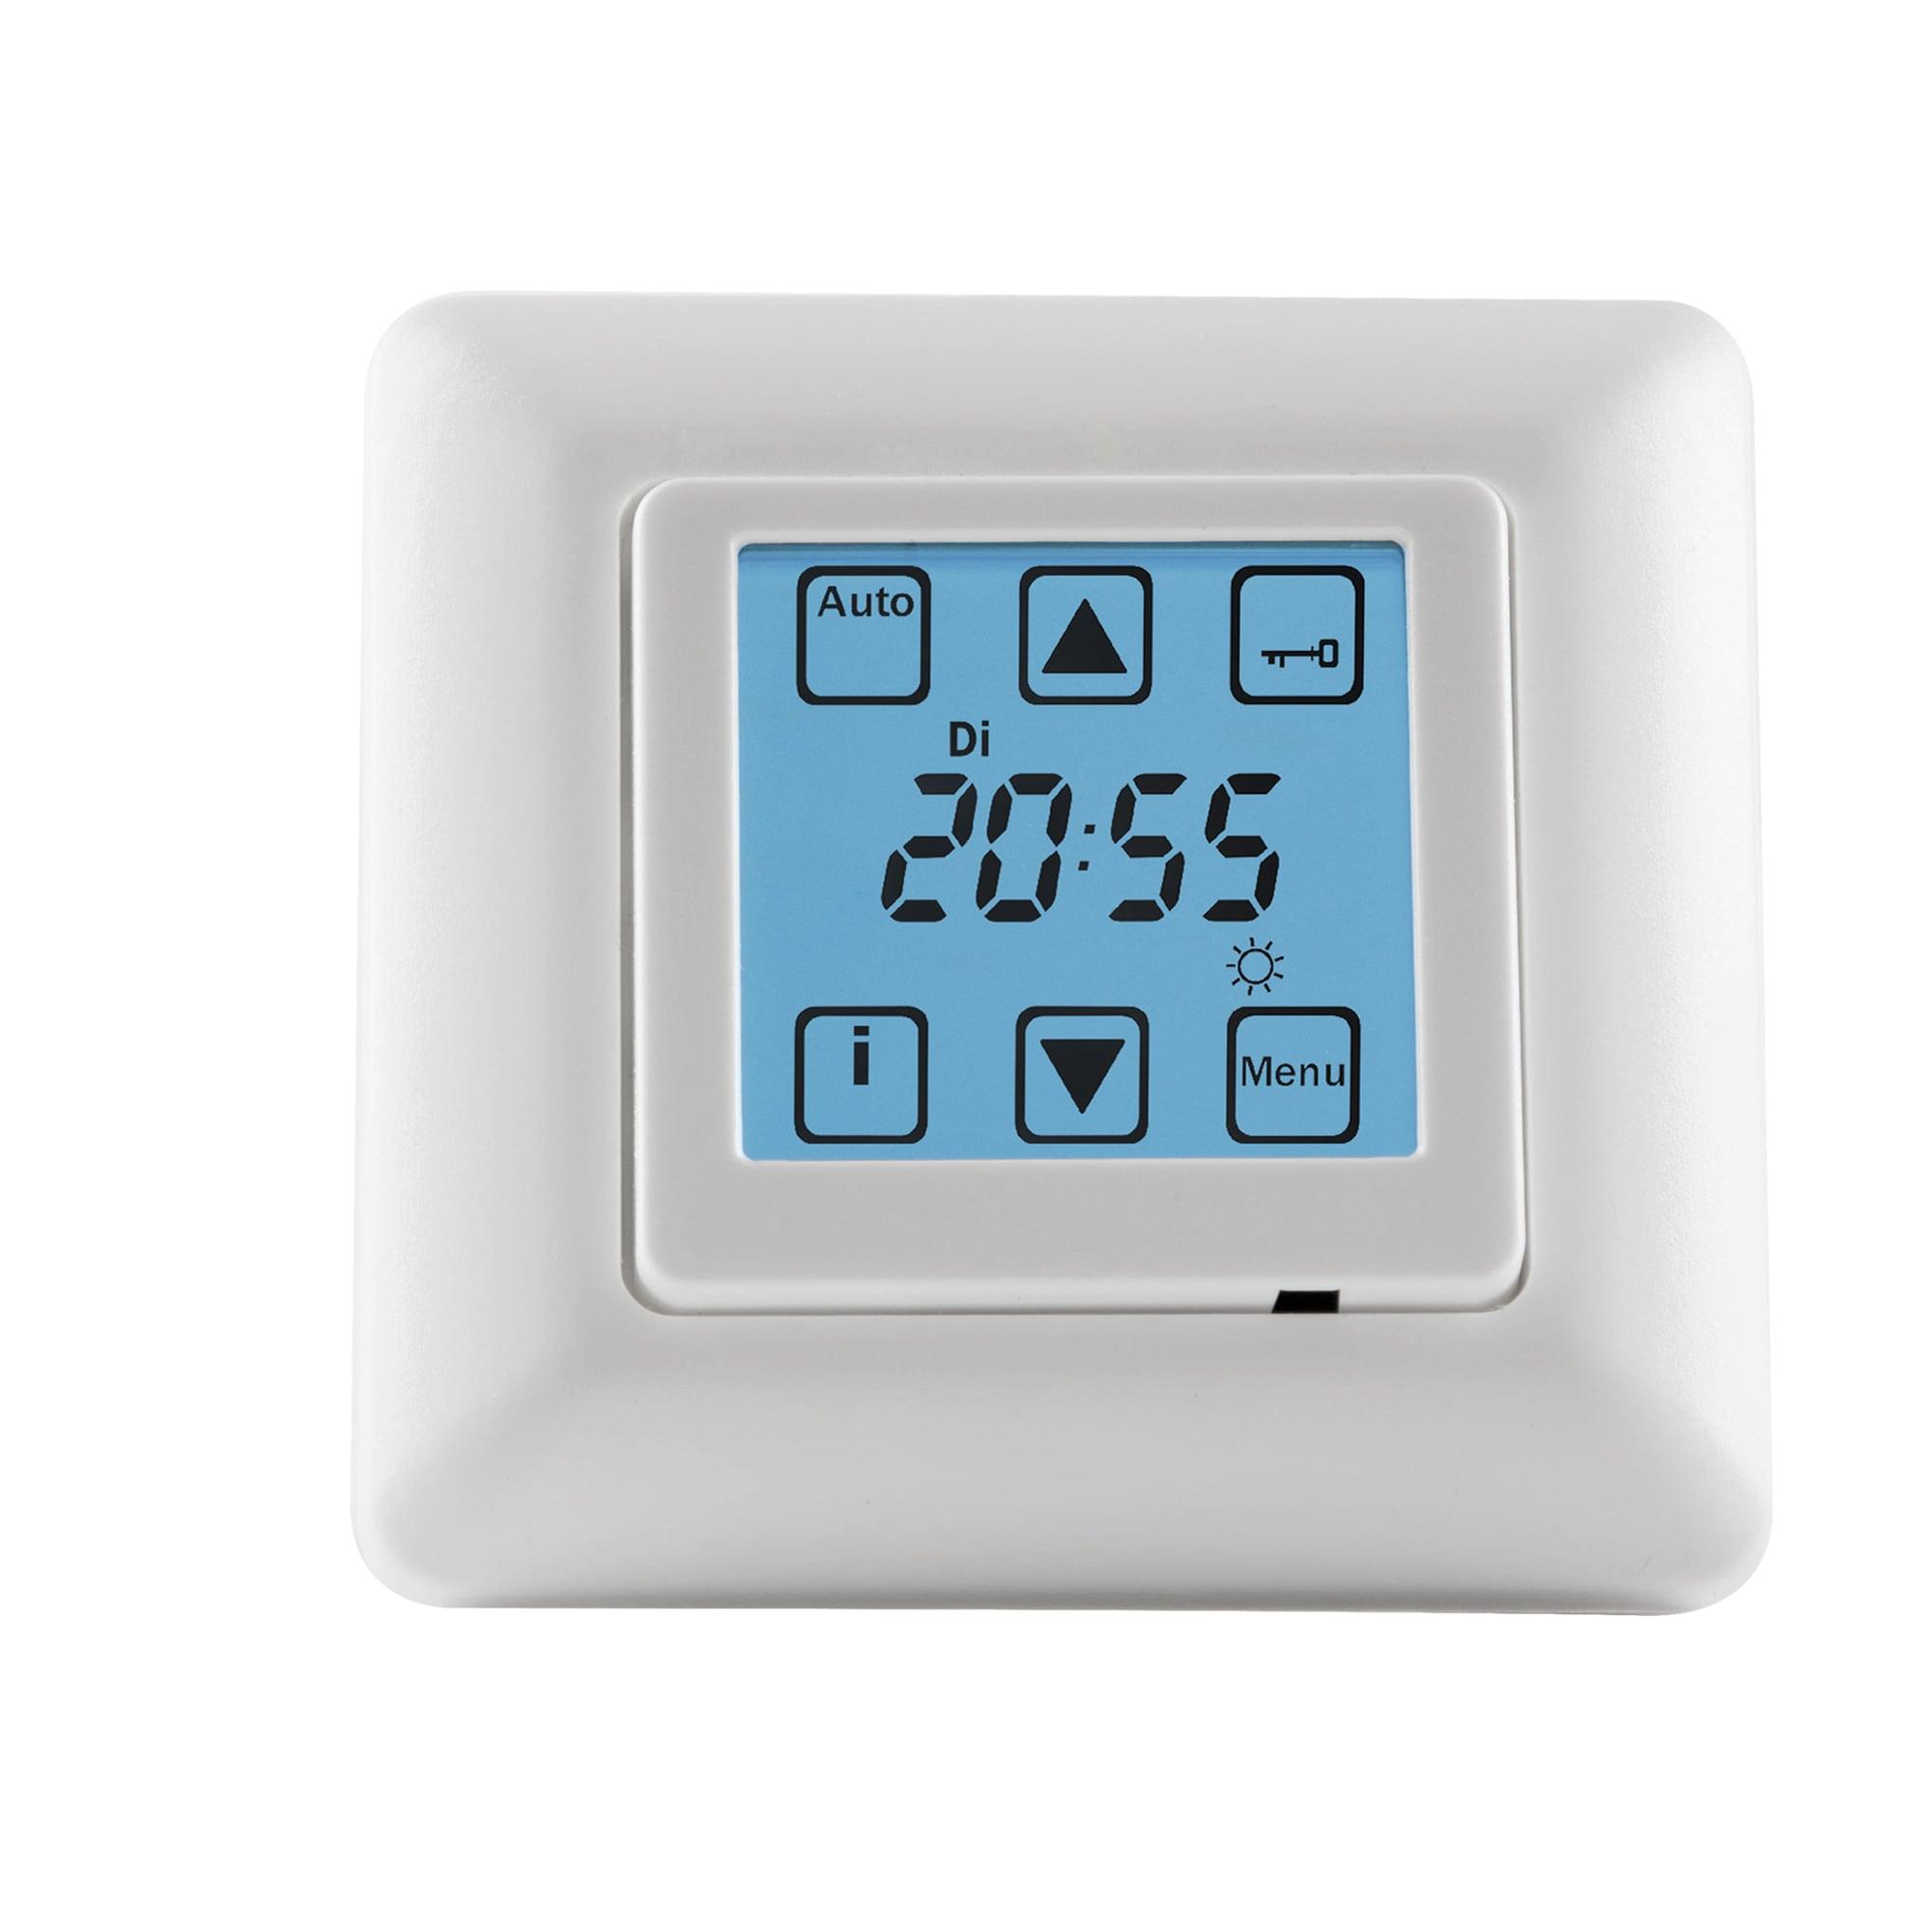 zeitschaltuhr timer vestamatic multi time control quattro rollo schalter ebay. Black Bedroom Furniture Sets. Home Design Ideas